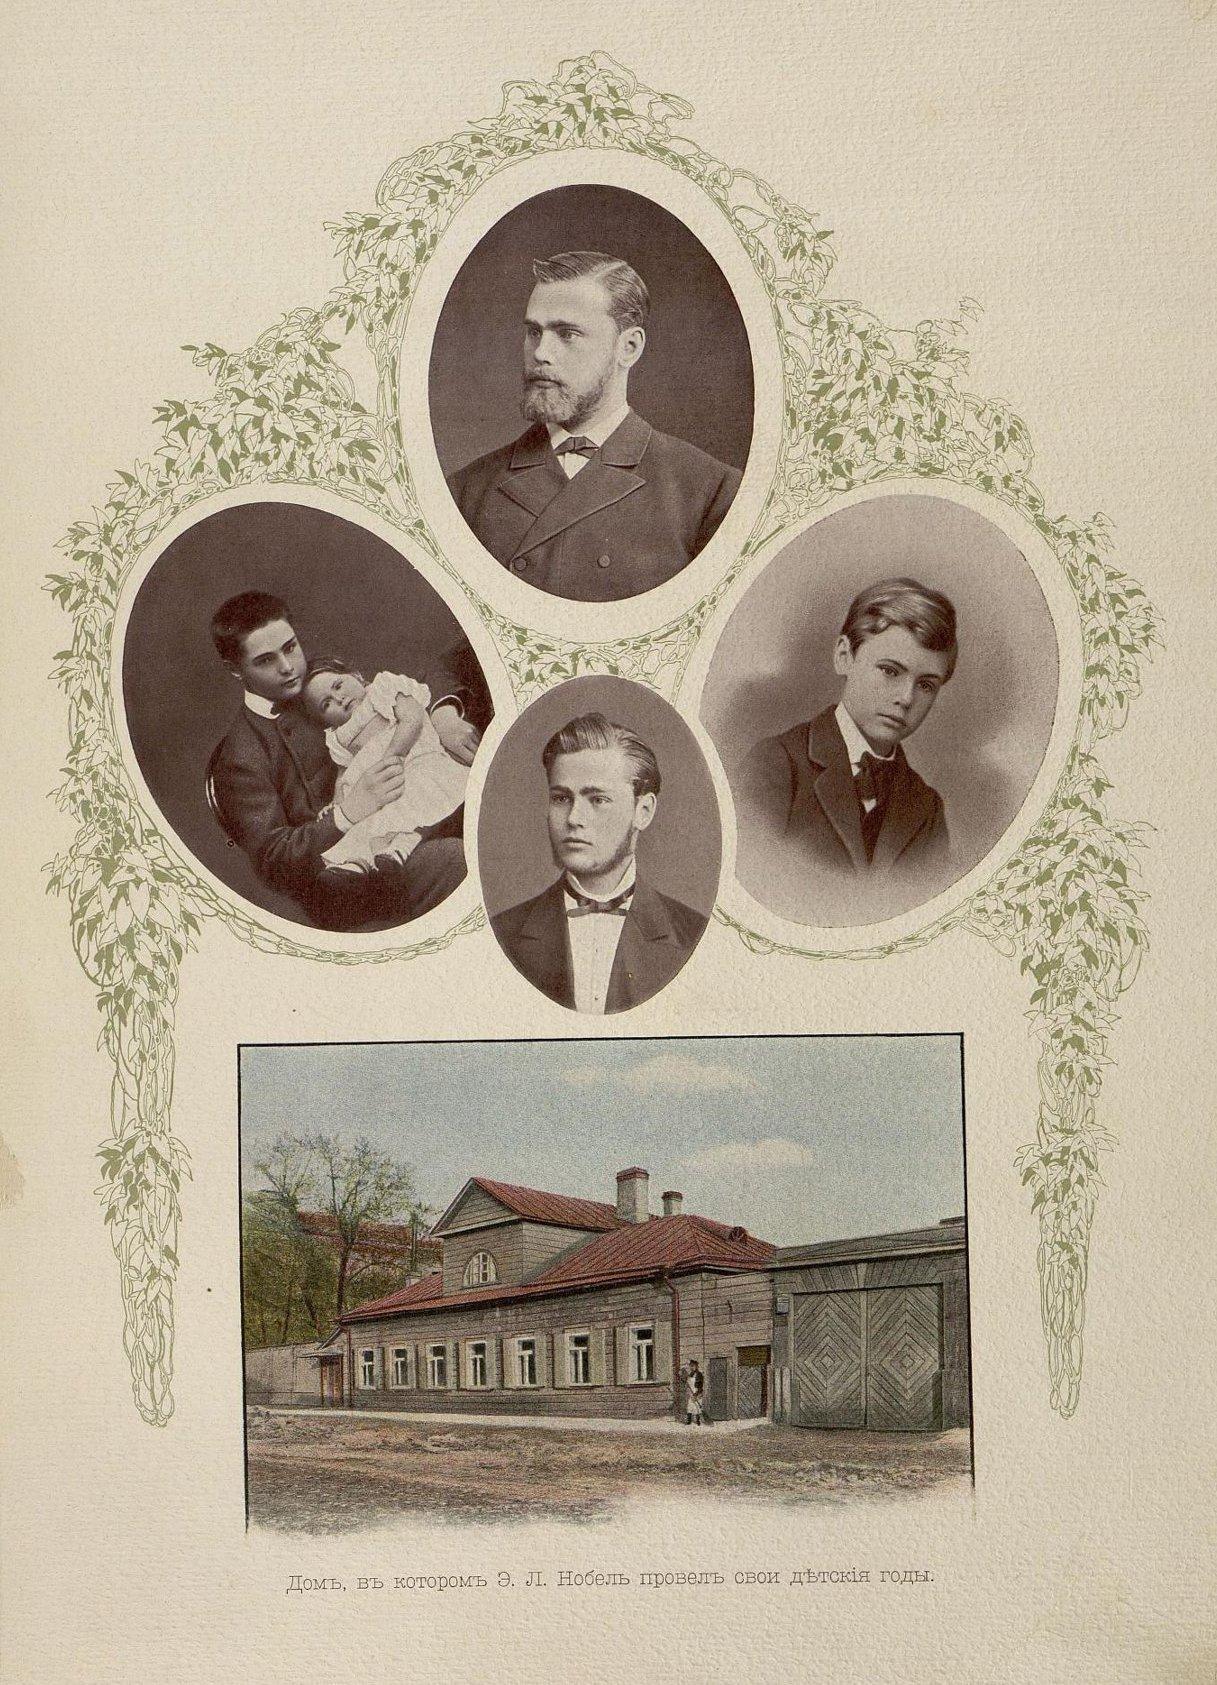 06. Четыре портрета и изображение дома, в котором Э.Л. Нобель провел свои детские годы